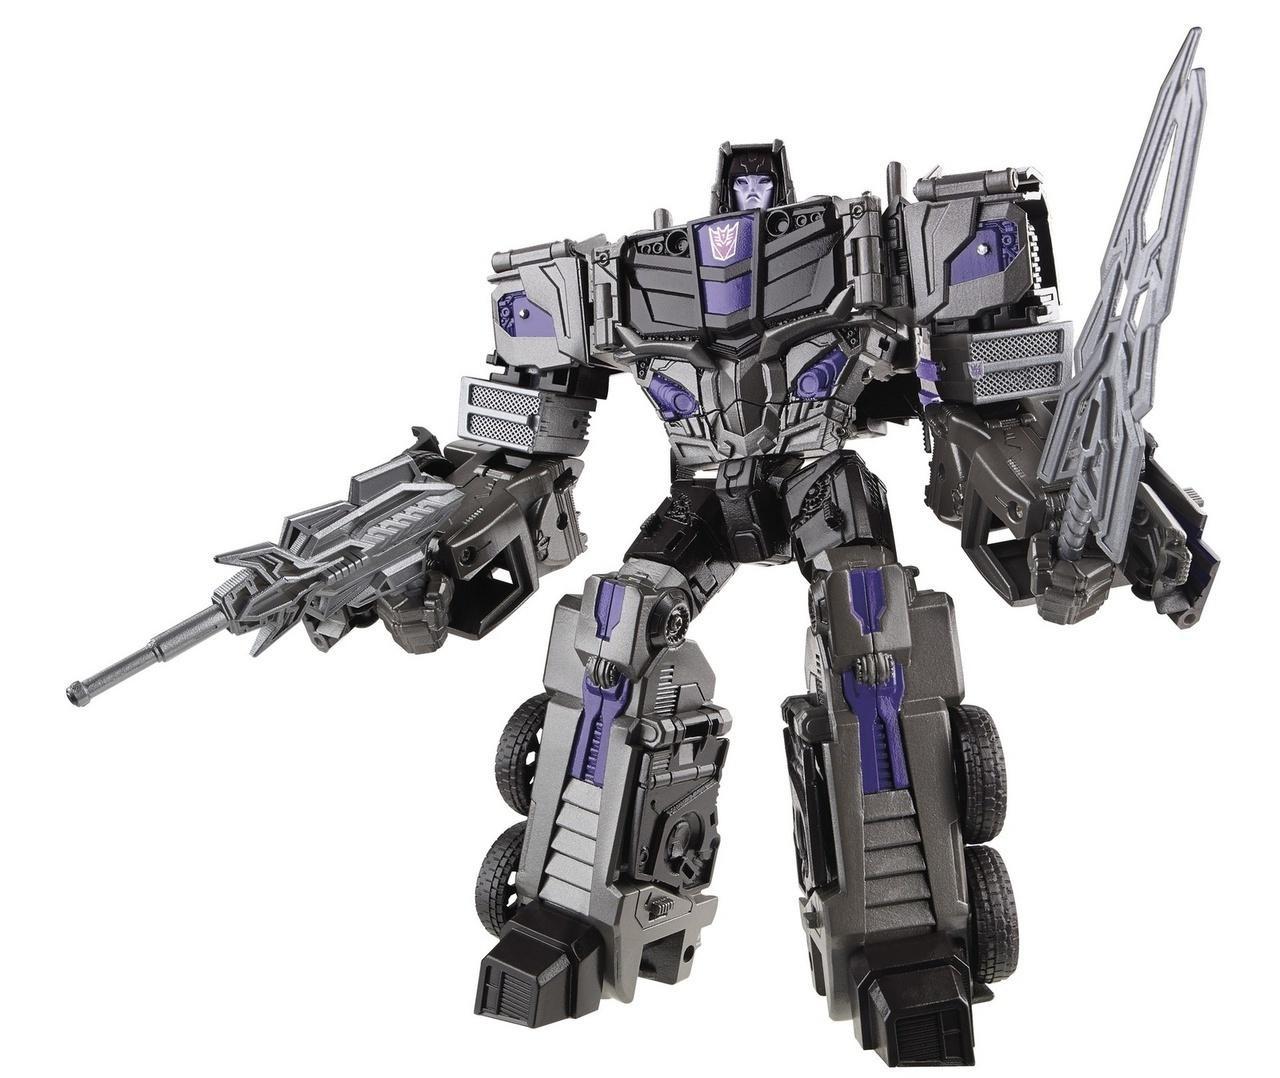 Transformers Combiner Wars Wave 4 Motormaster